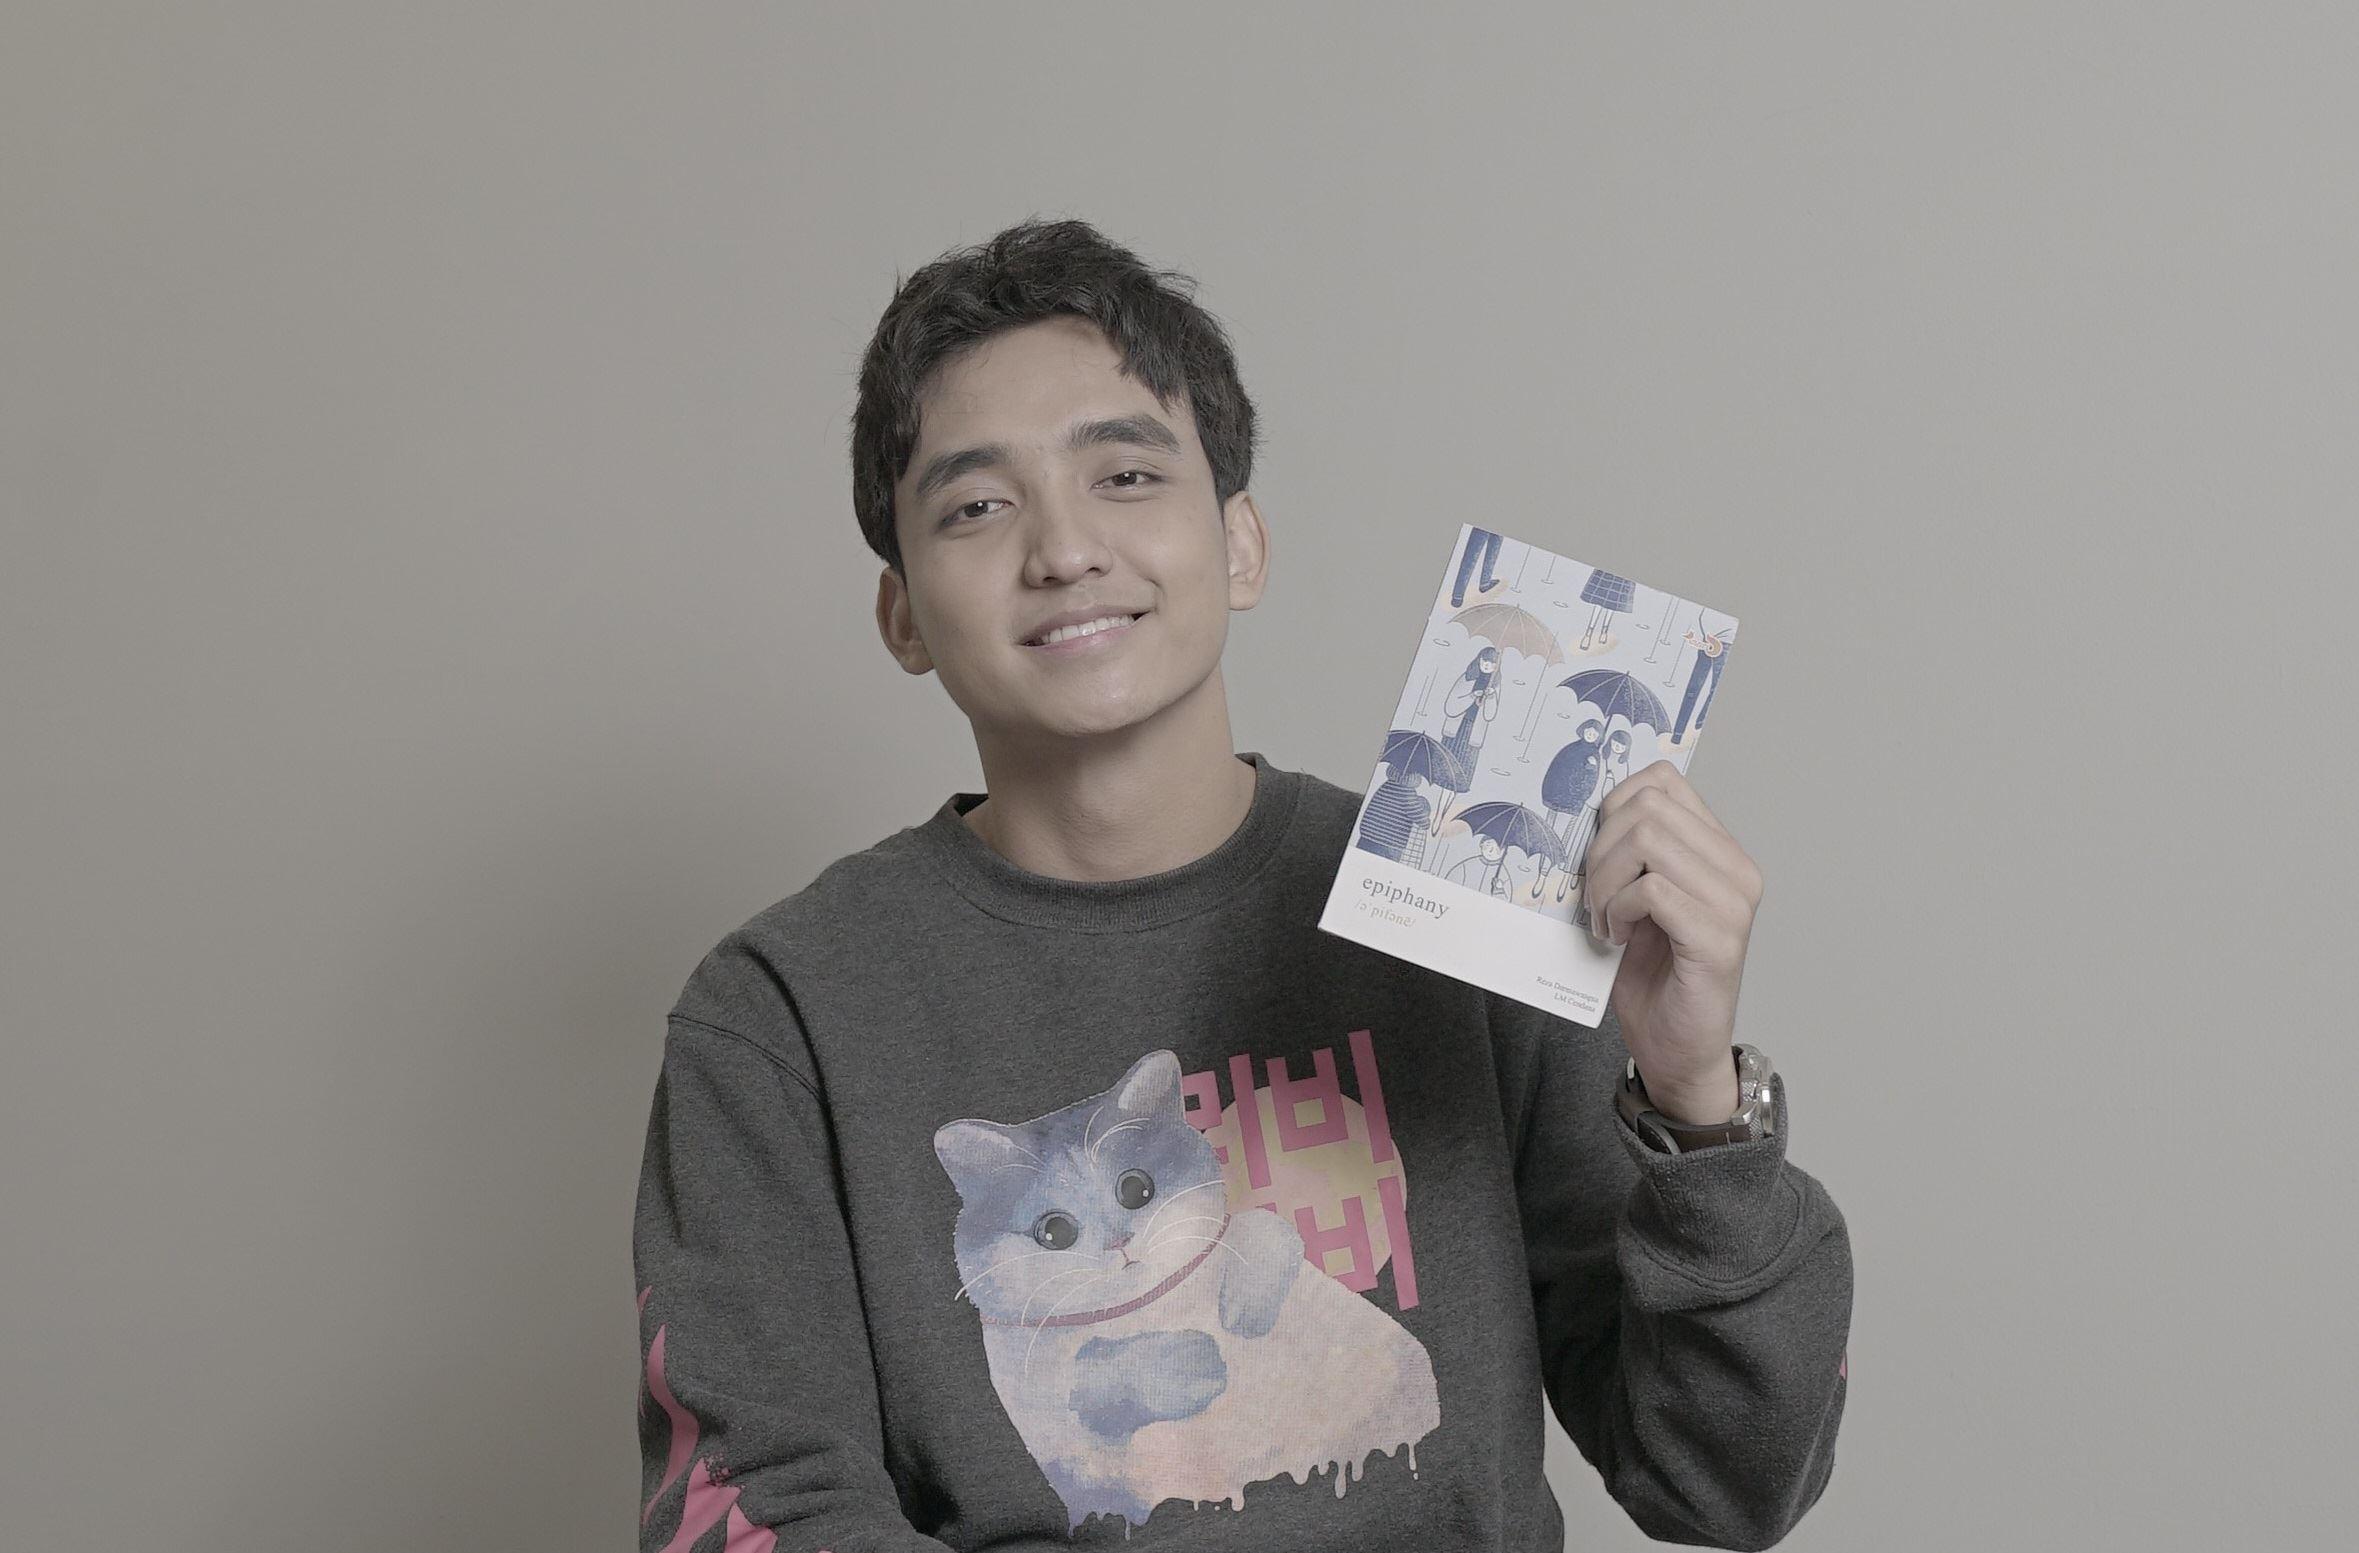 terinspirasi oleh jin bts, penyanyi indonesia ini terbitkan novel pertama